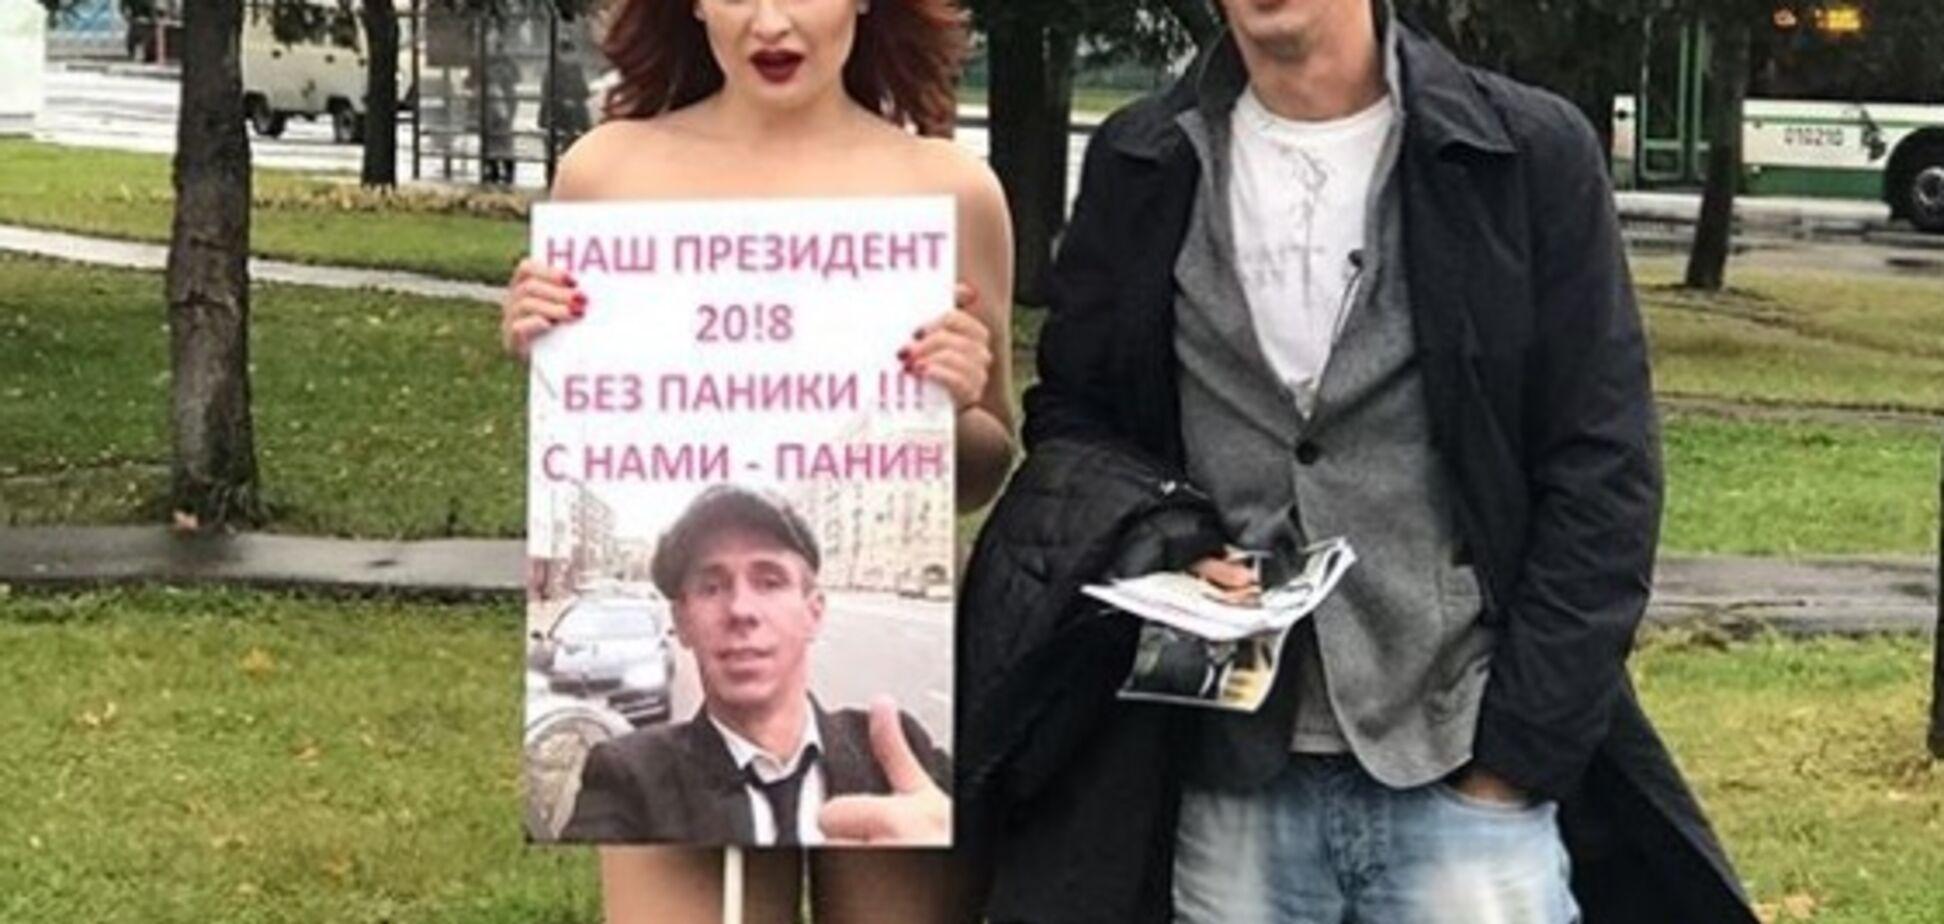 Порноактриса показала, що витворяла зі скандальним російським артистом